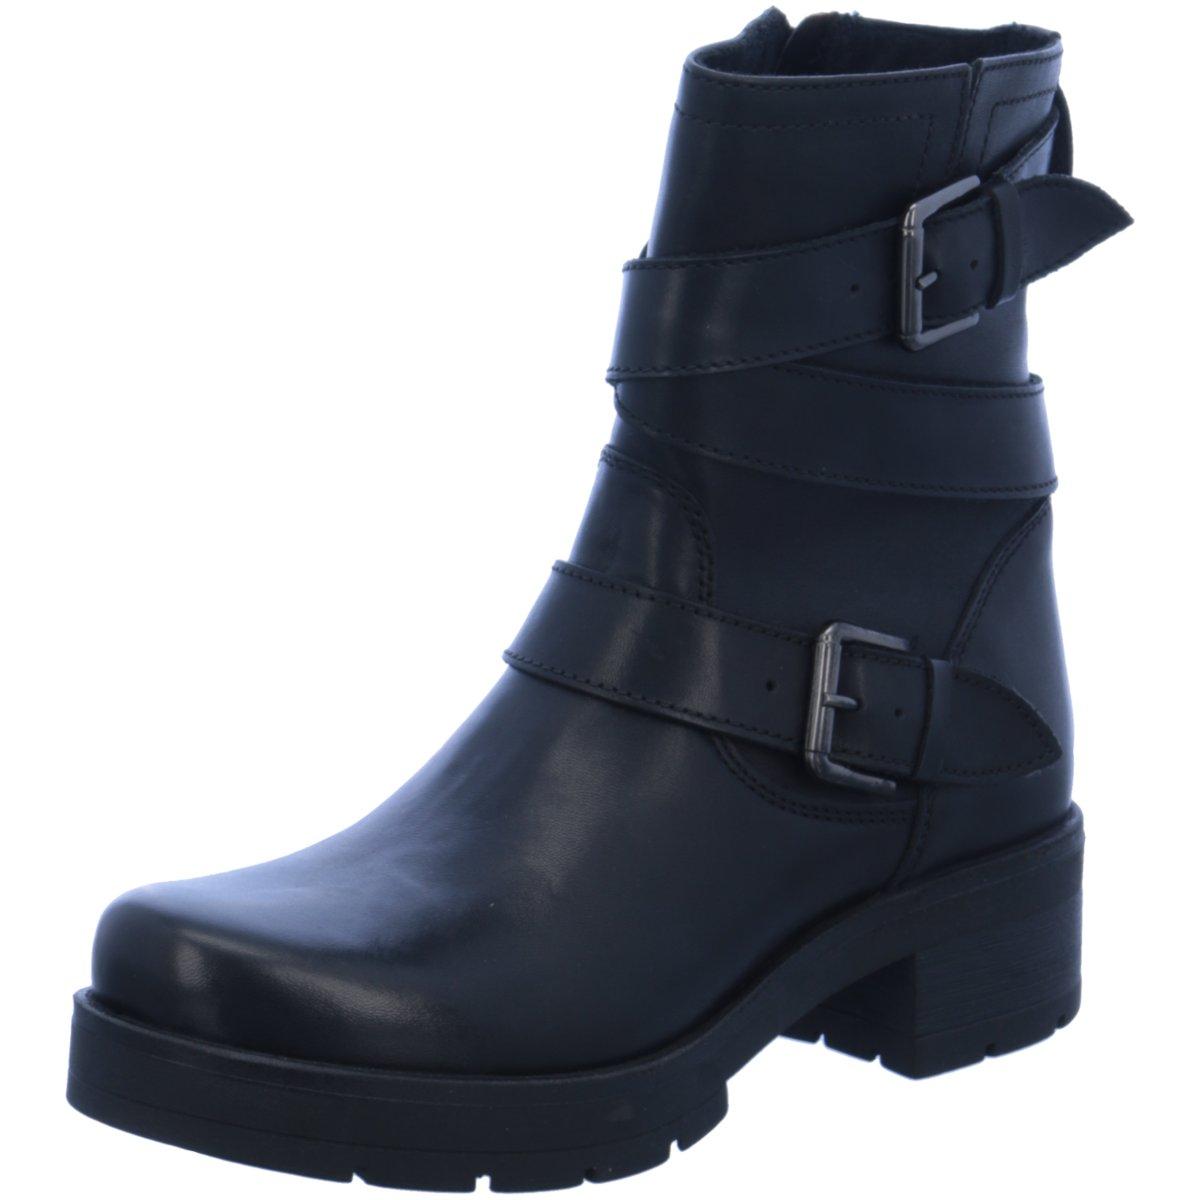 NEU Tamaris Damen Stiefeletten 1-1-25490-29/001 schwarz 336148